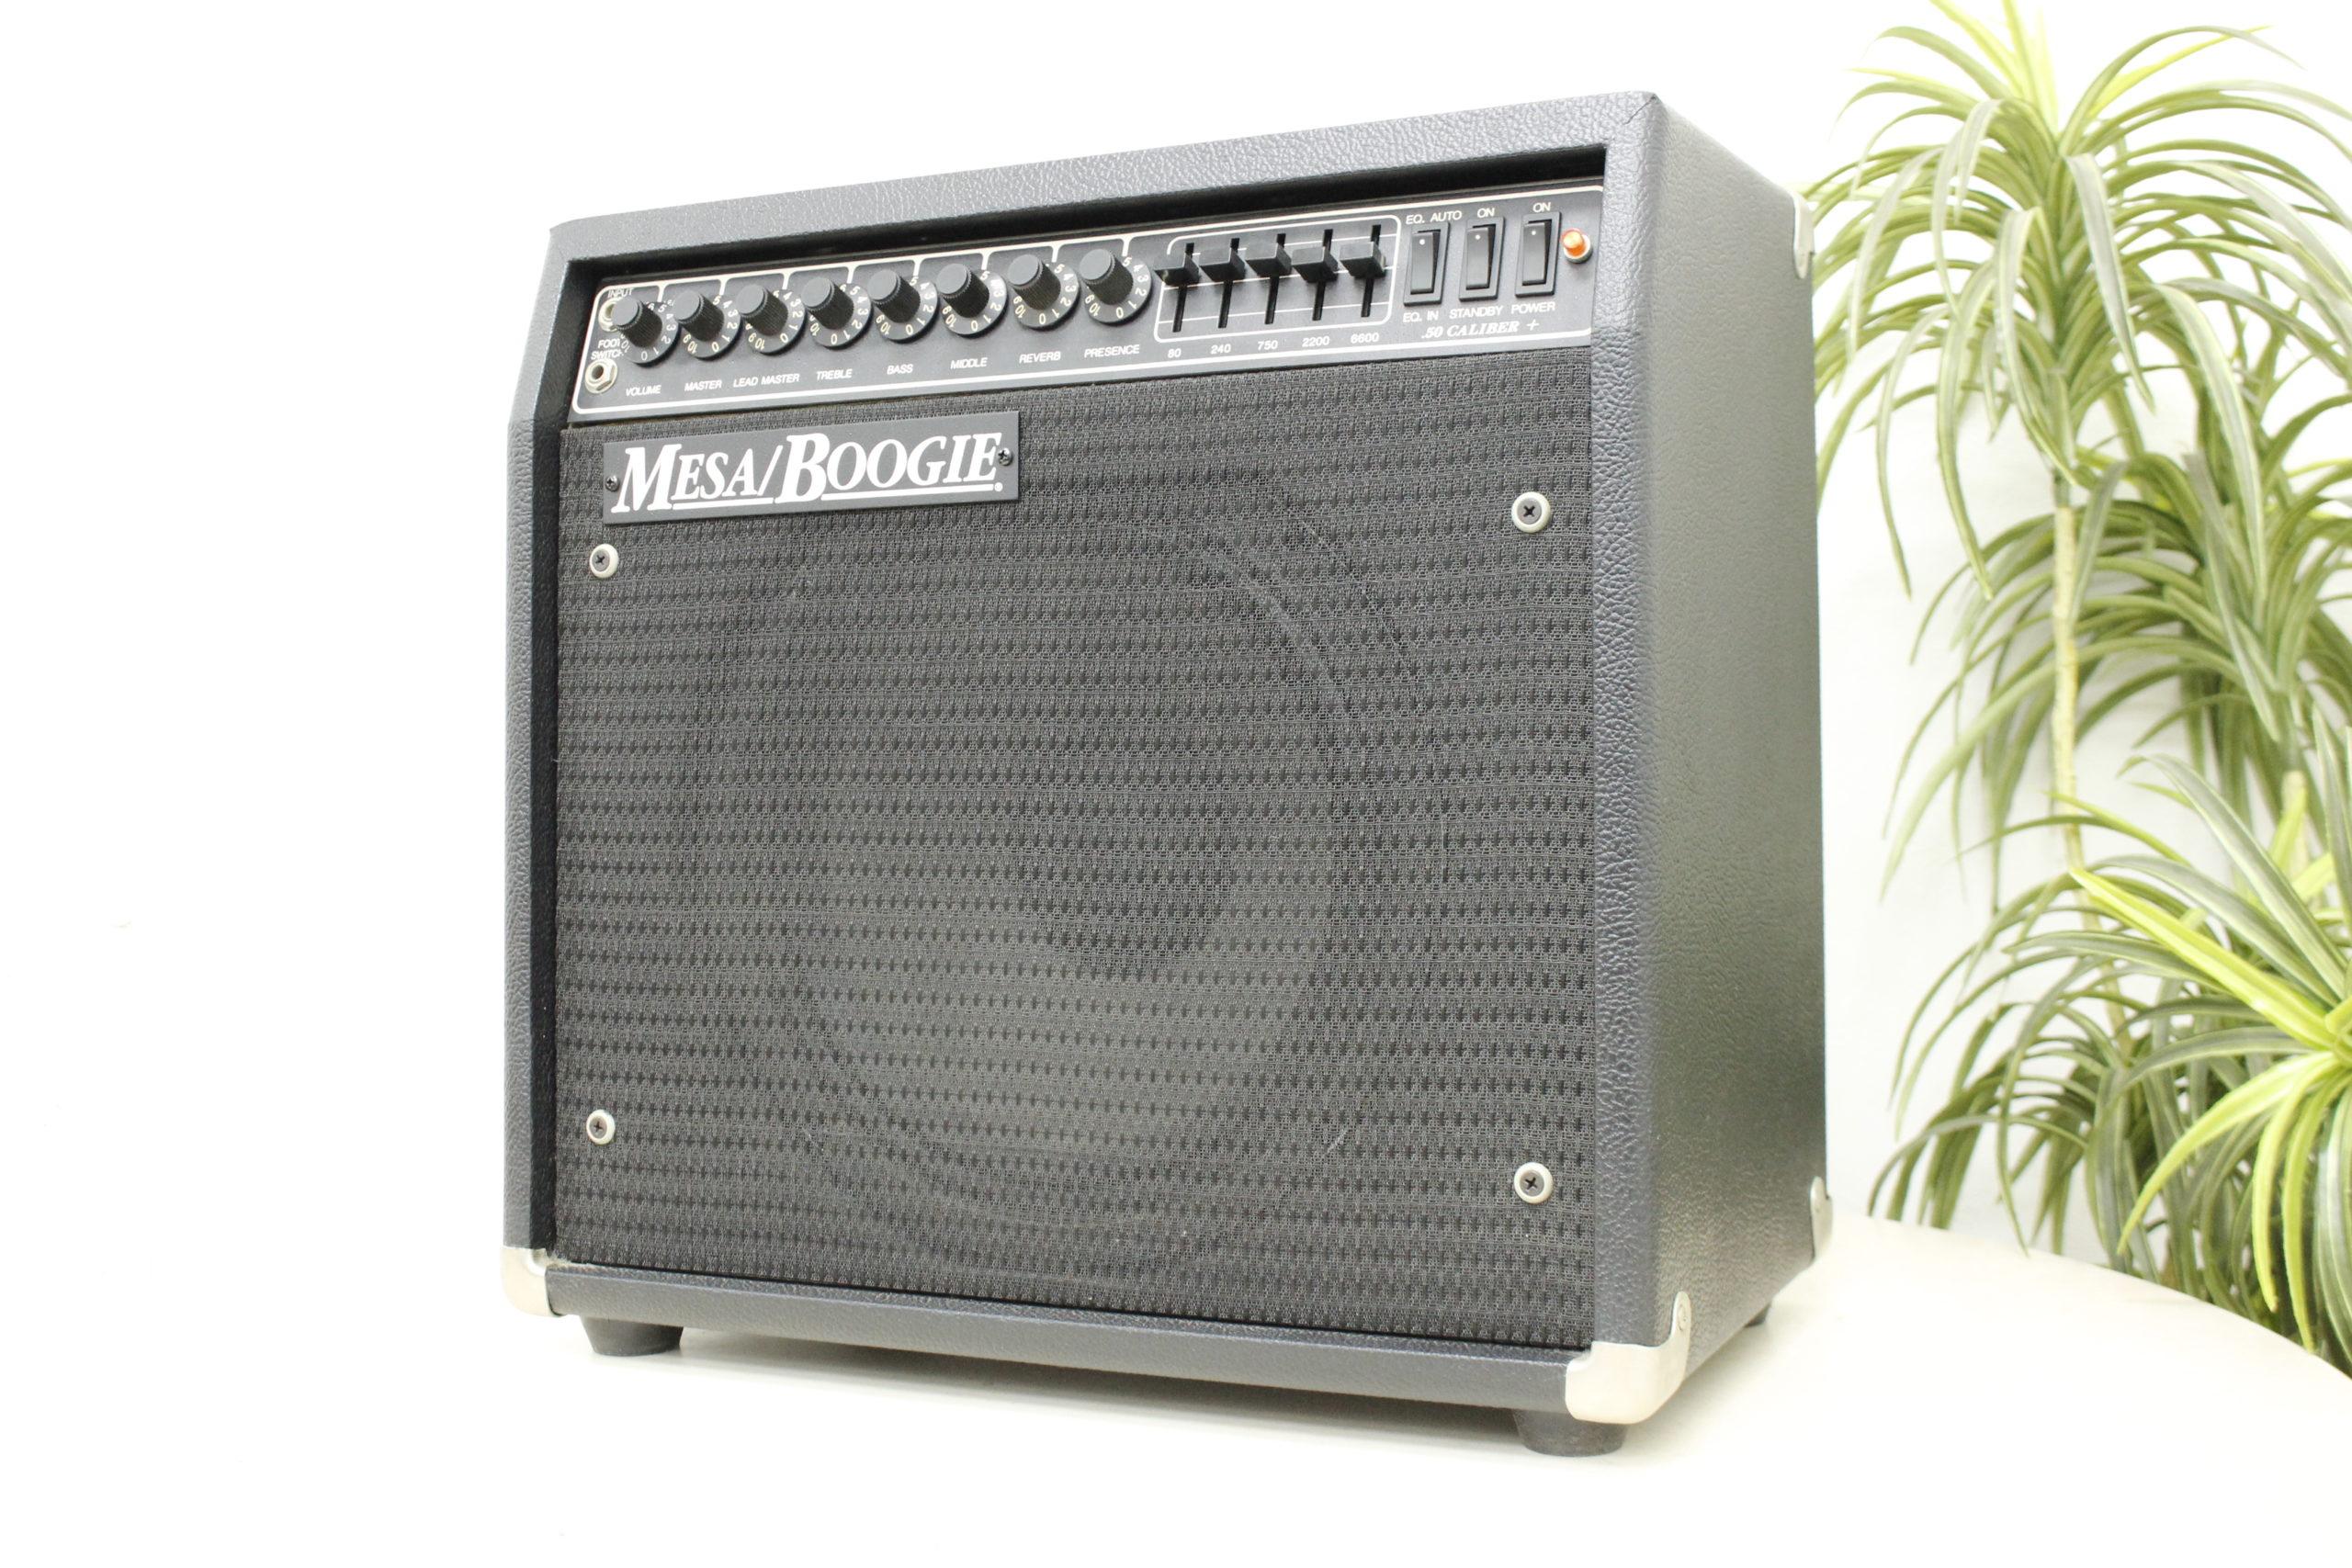 (福岡県大野城市)Mesa Boogie メサブギー 真空管アンプ キャビネット MC-90 音響機器も高価買取♪♪の買取-